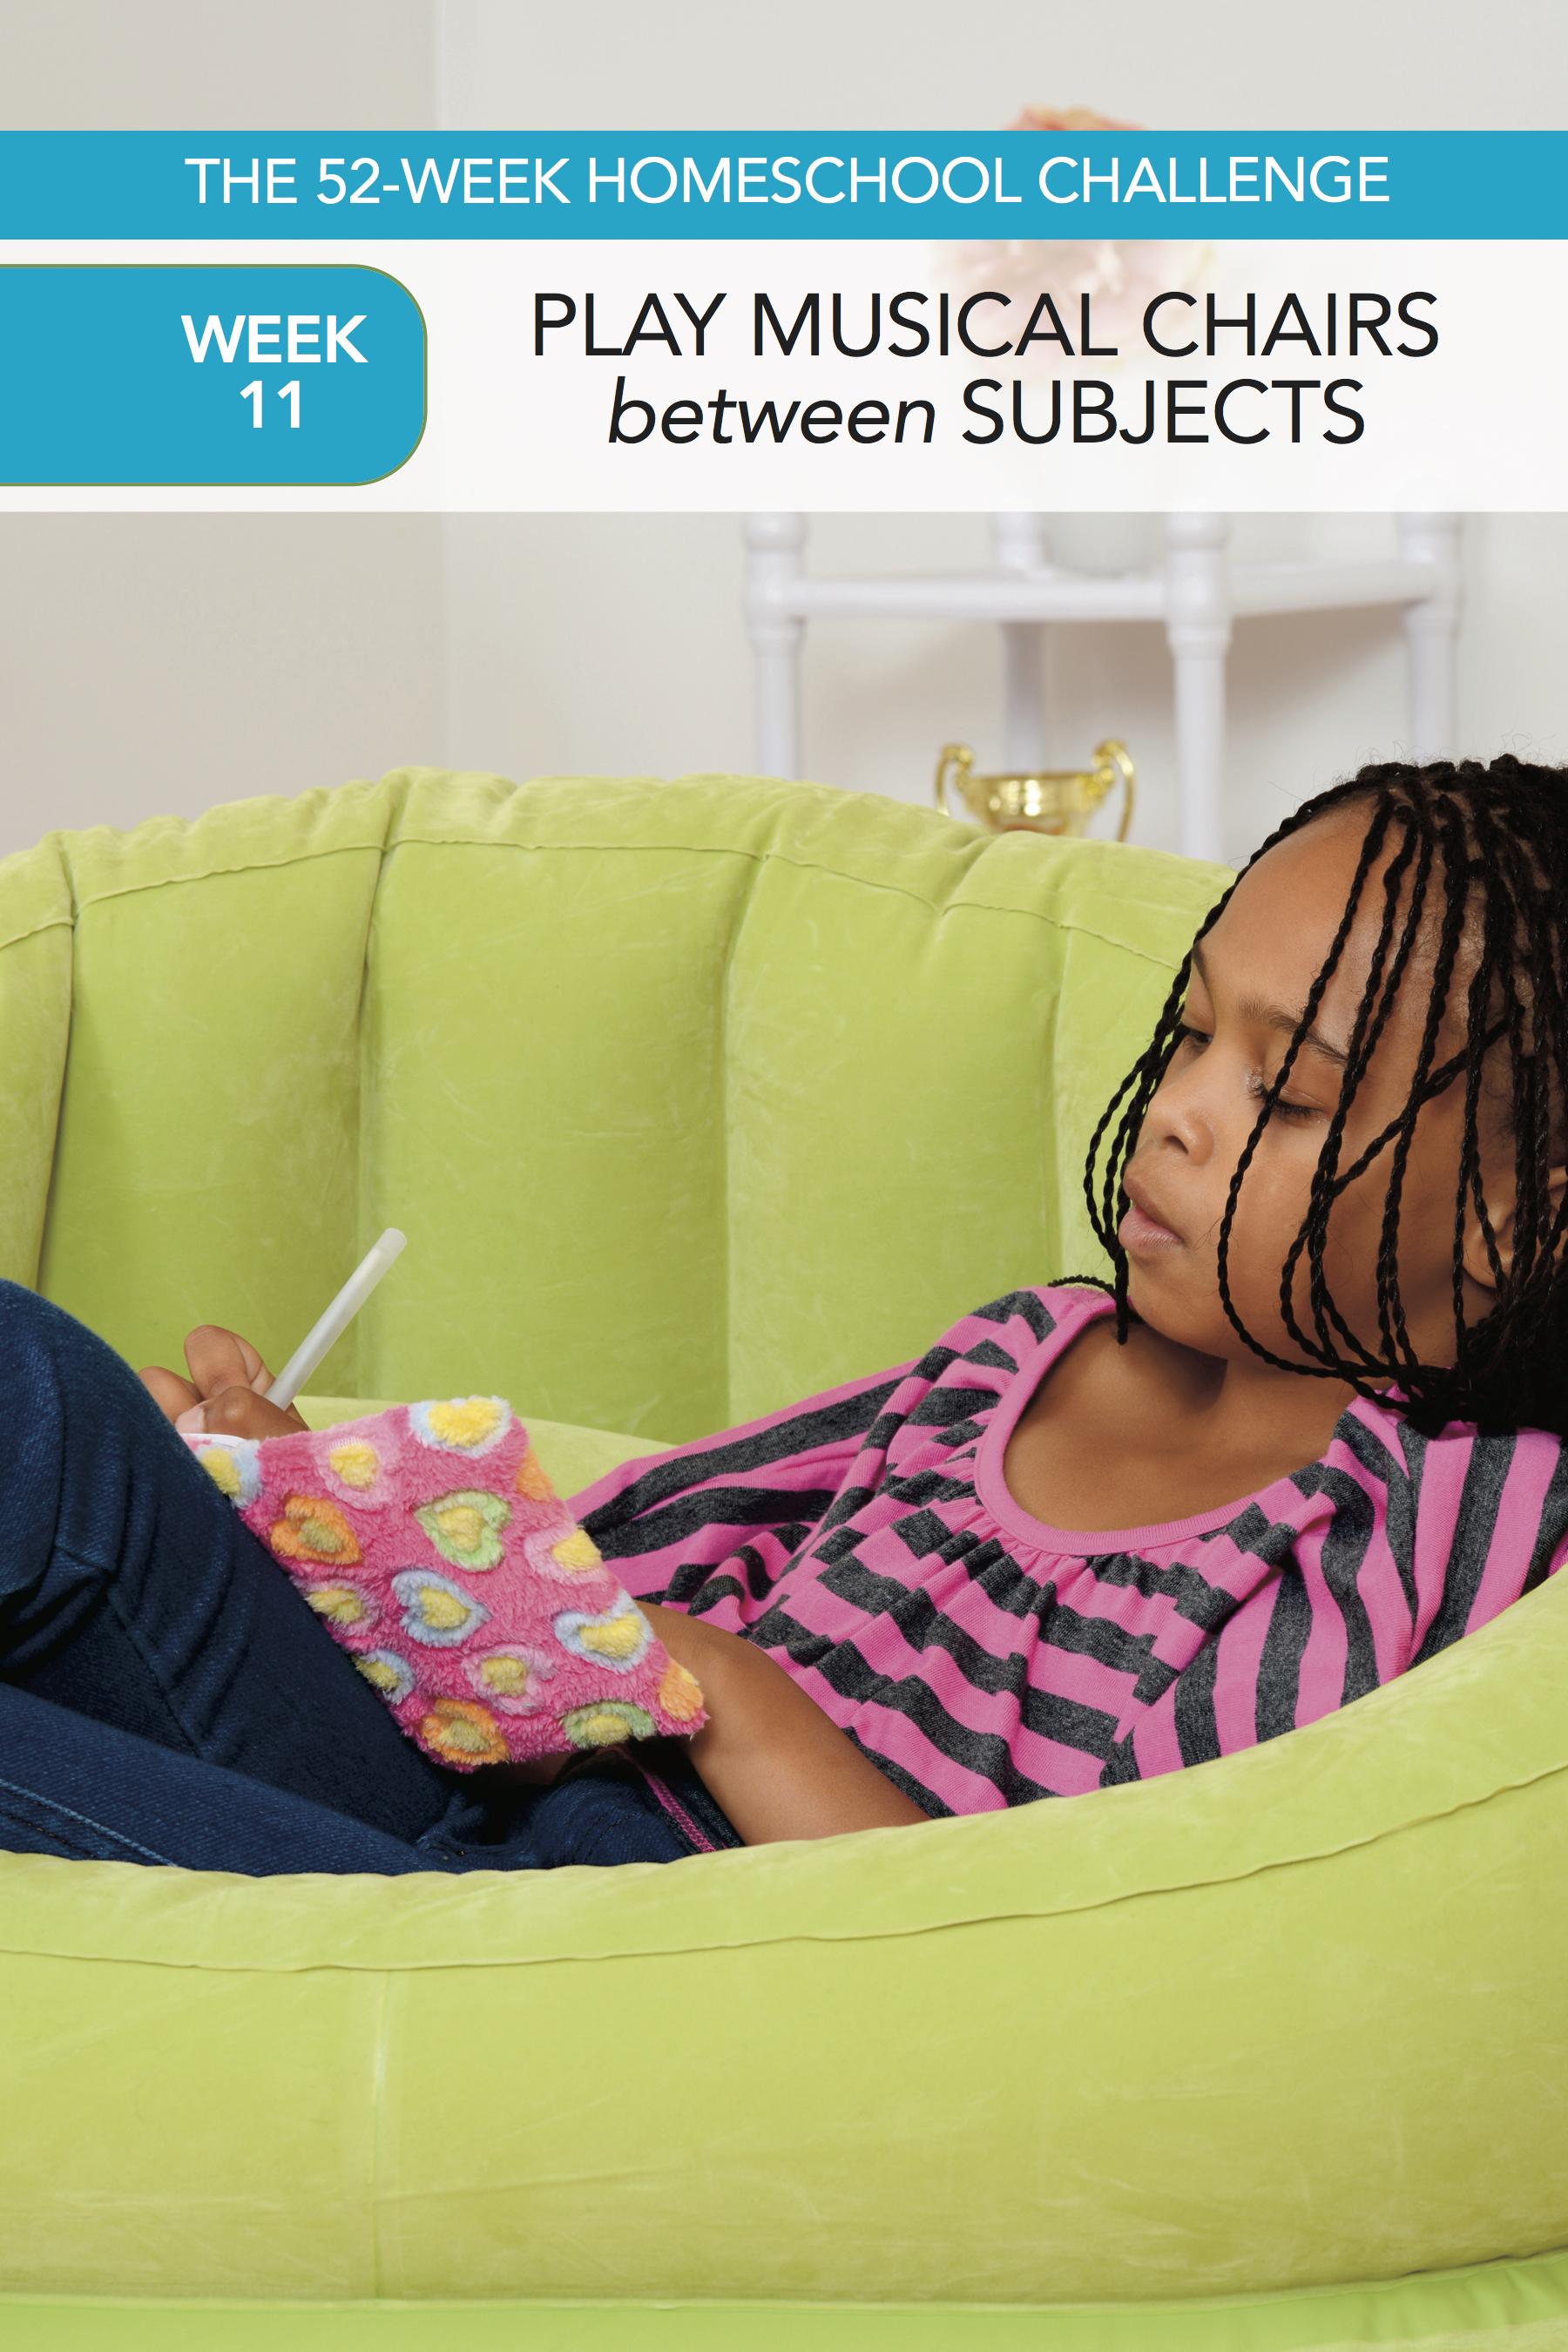 52 Weeks of Happier Homeschooling Week 11: Play Musical Chairs